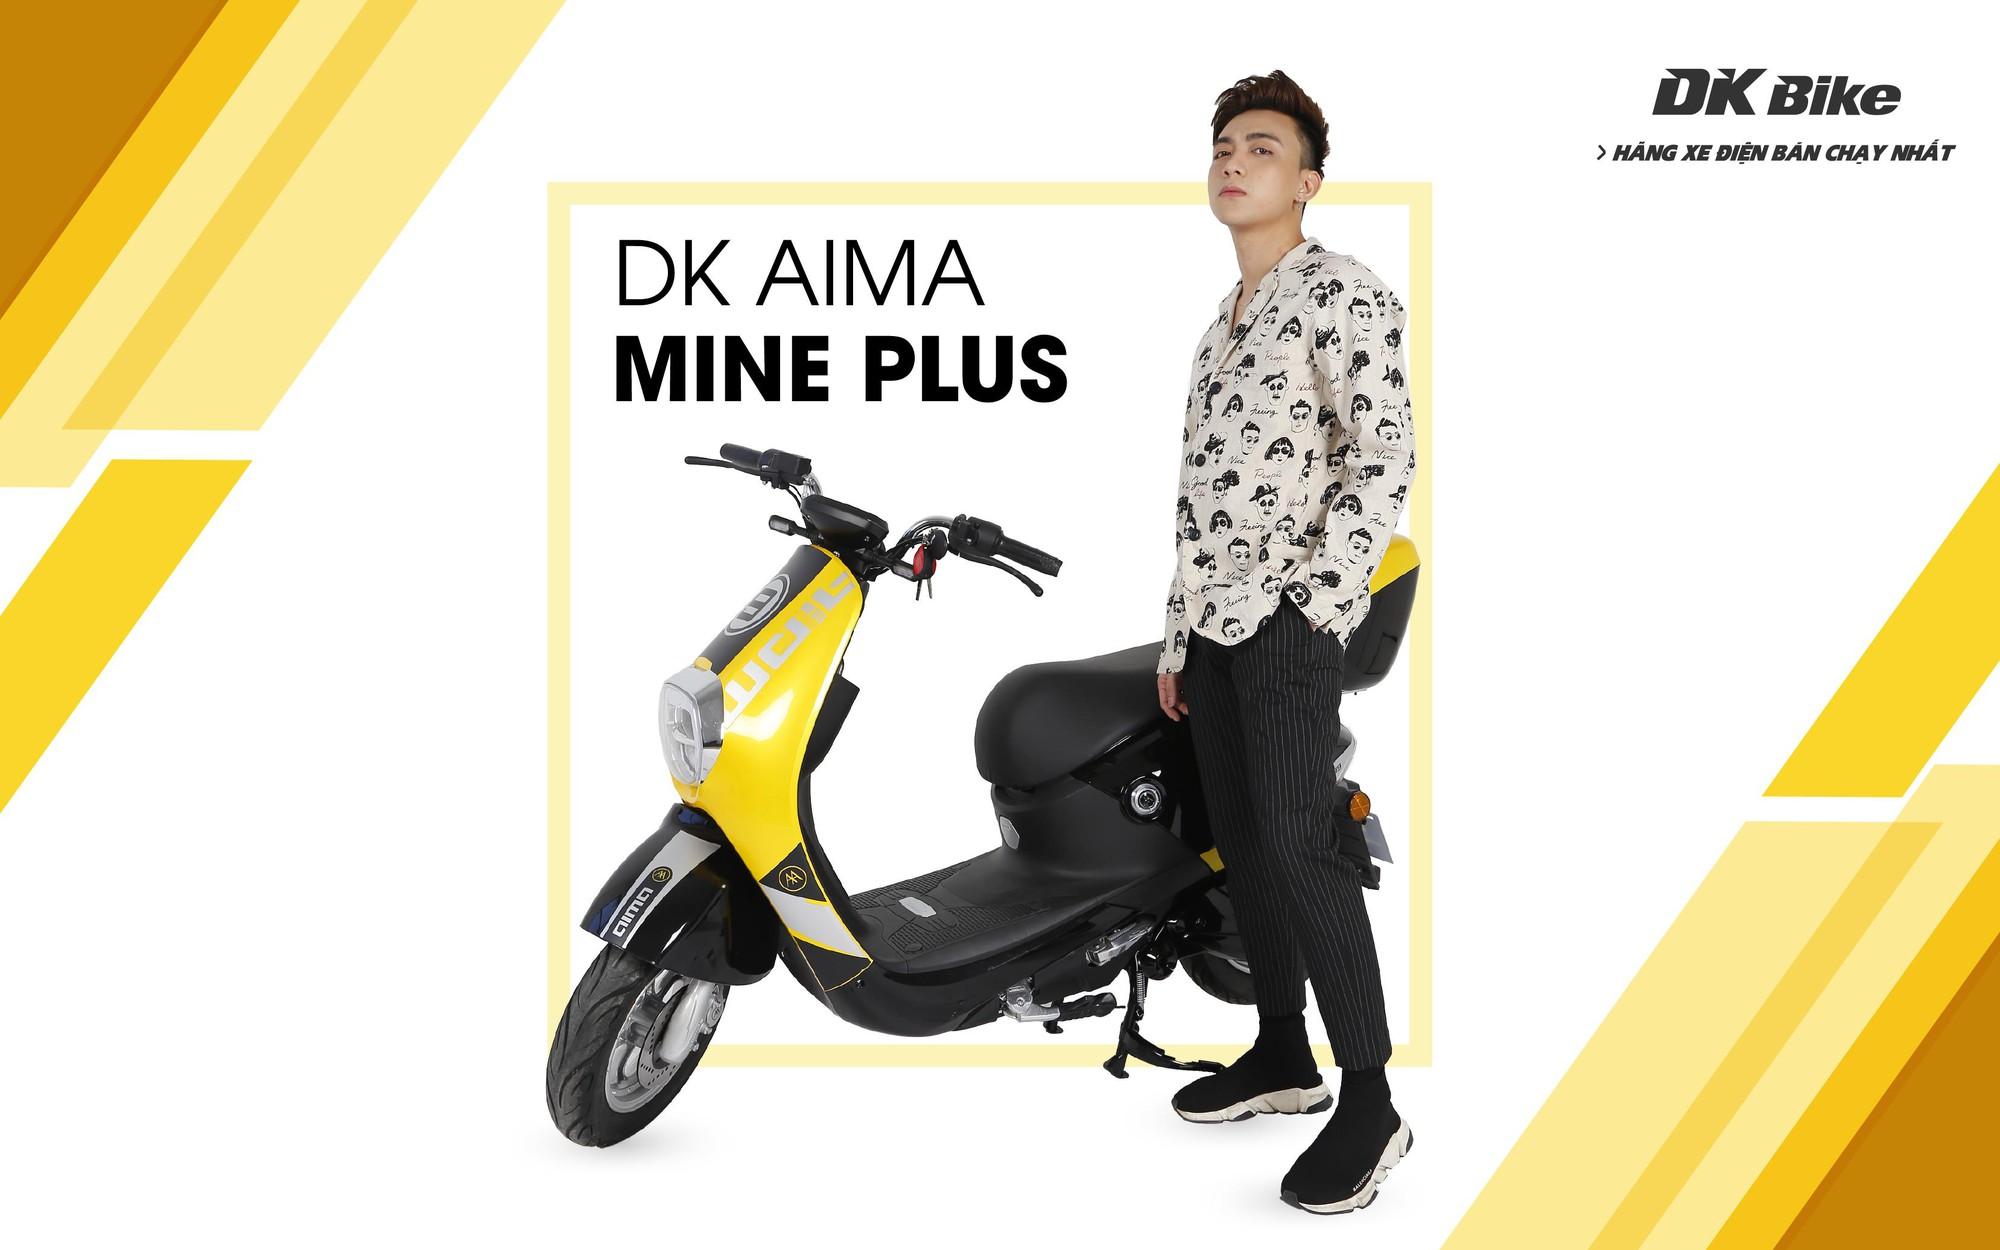 Các tính năng khiến fan điên đảo với mẫu xe nhập khẩu DK Aima Mine Plus - Ảnh 1.